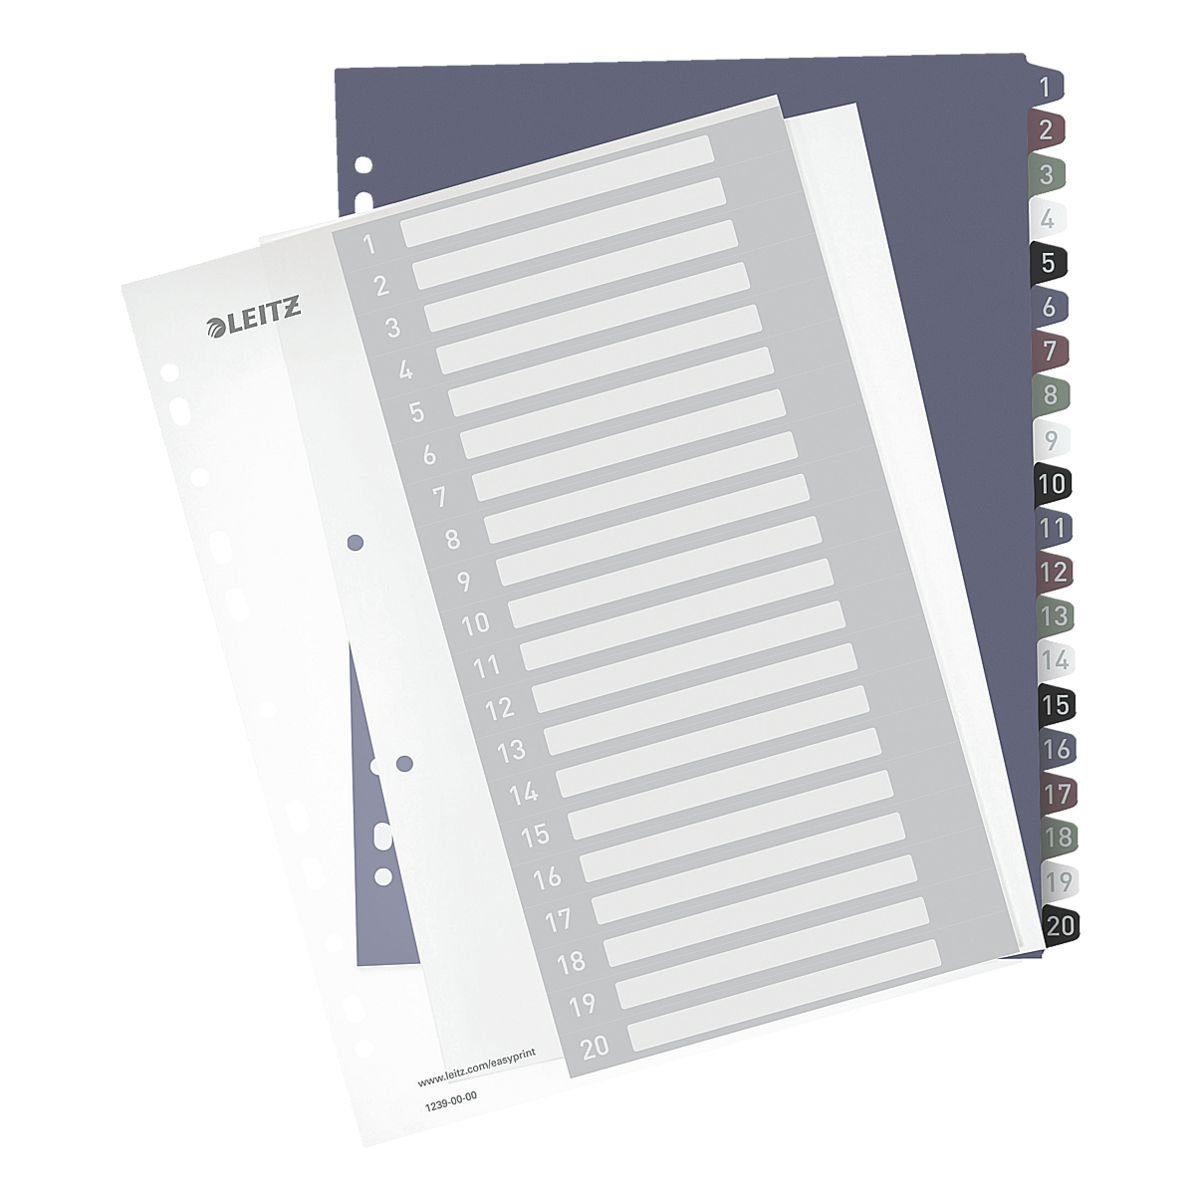 LEITZ Kunststoffregister 1-20 A4 Maxi PC-beschriftbar »Style 1239«